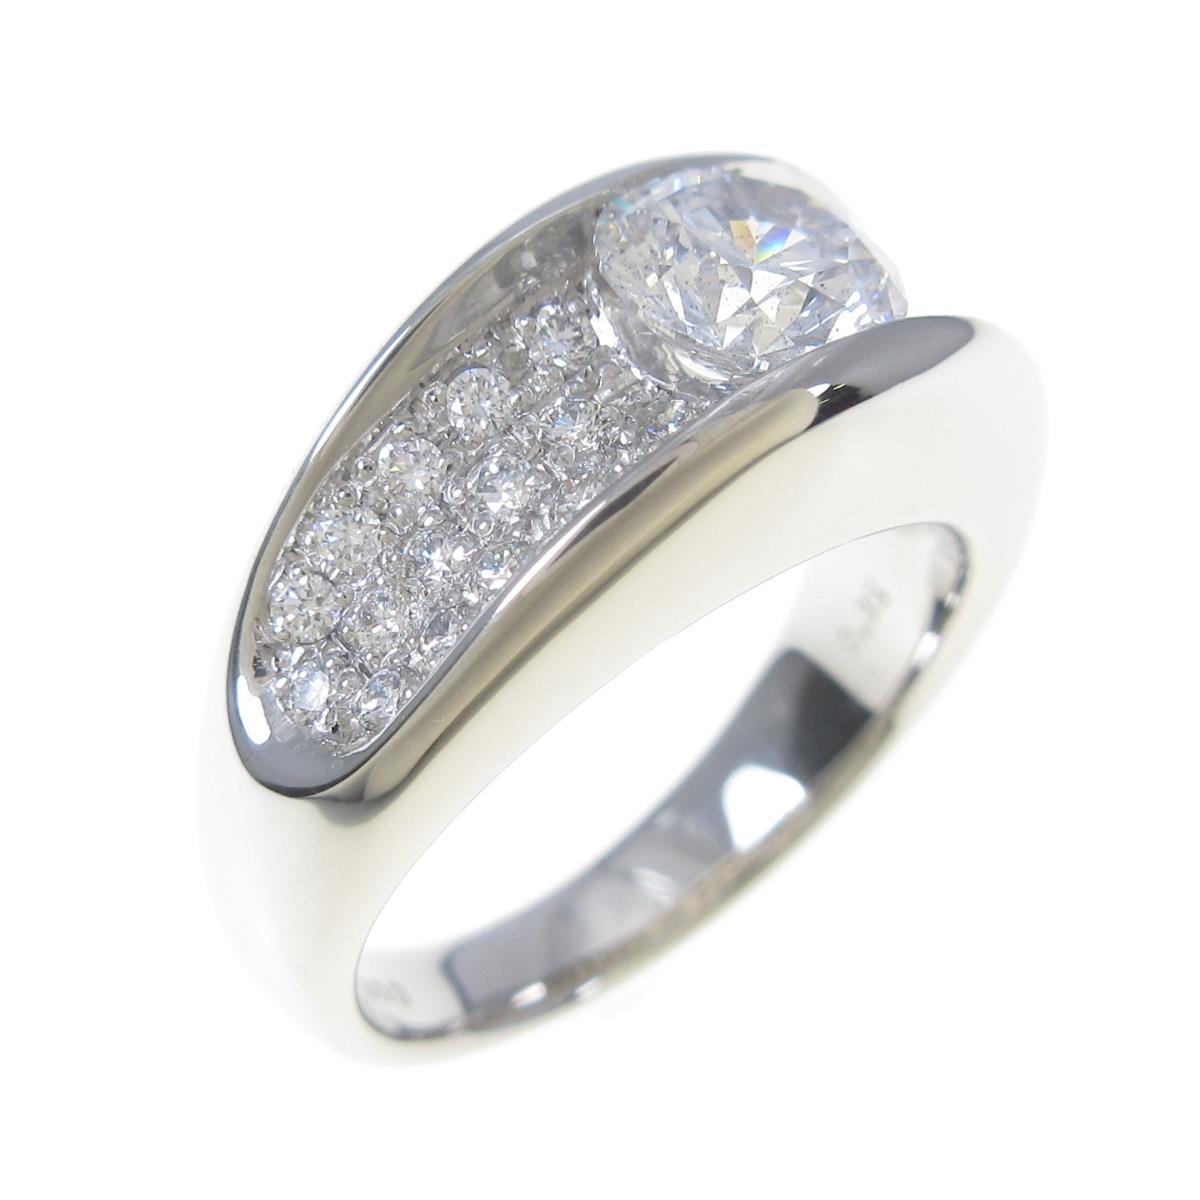 【リメイク】プラチナダイヤモンドリング 1.003ct・E・SI2・EXT【中古】